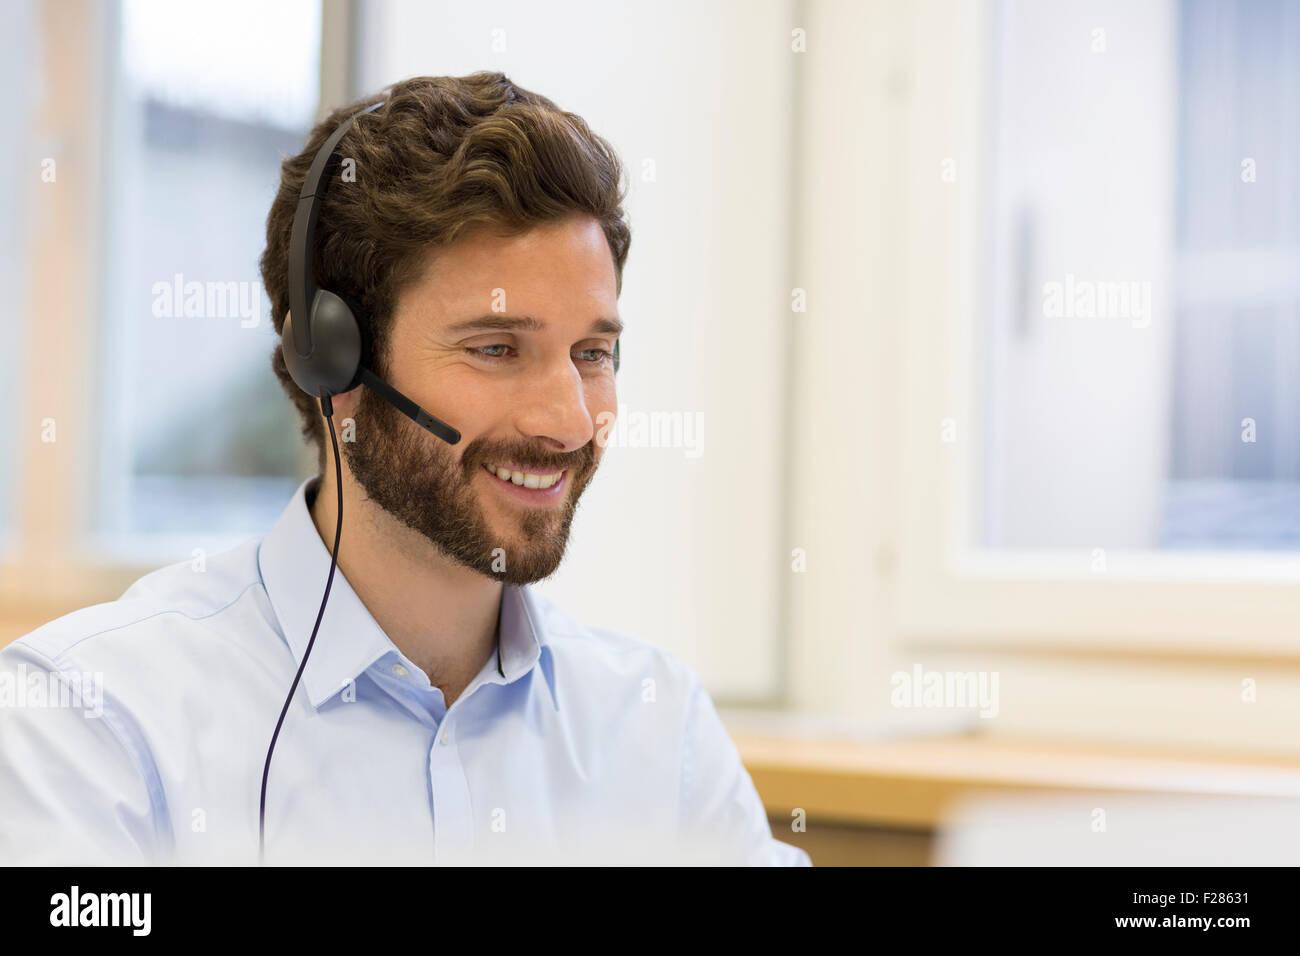 Homme barbu portant à l'aide de casque ordinateur Banque D'Images